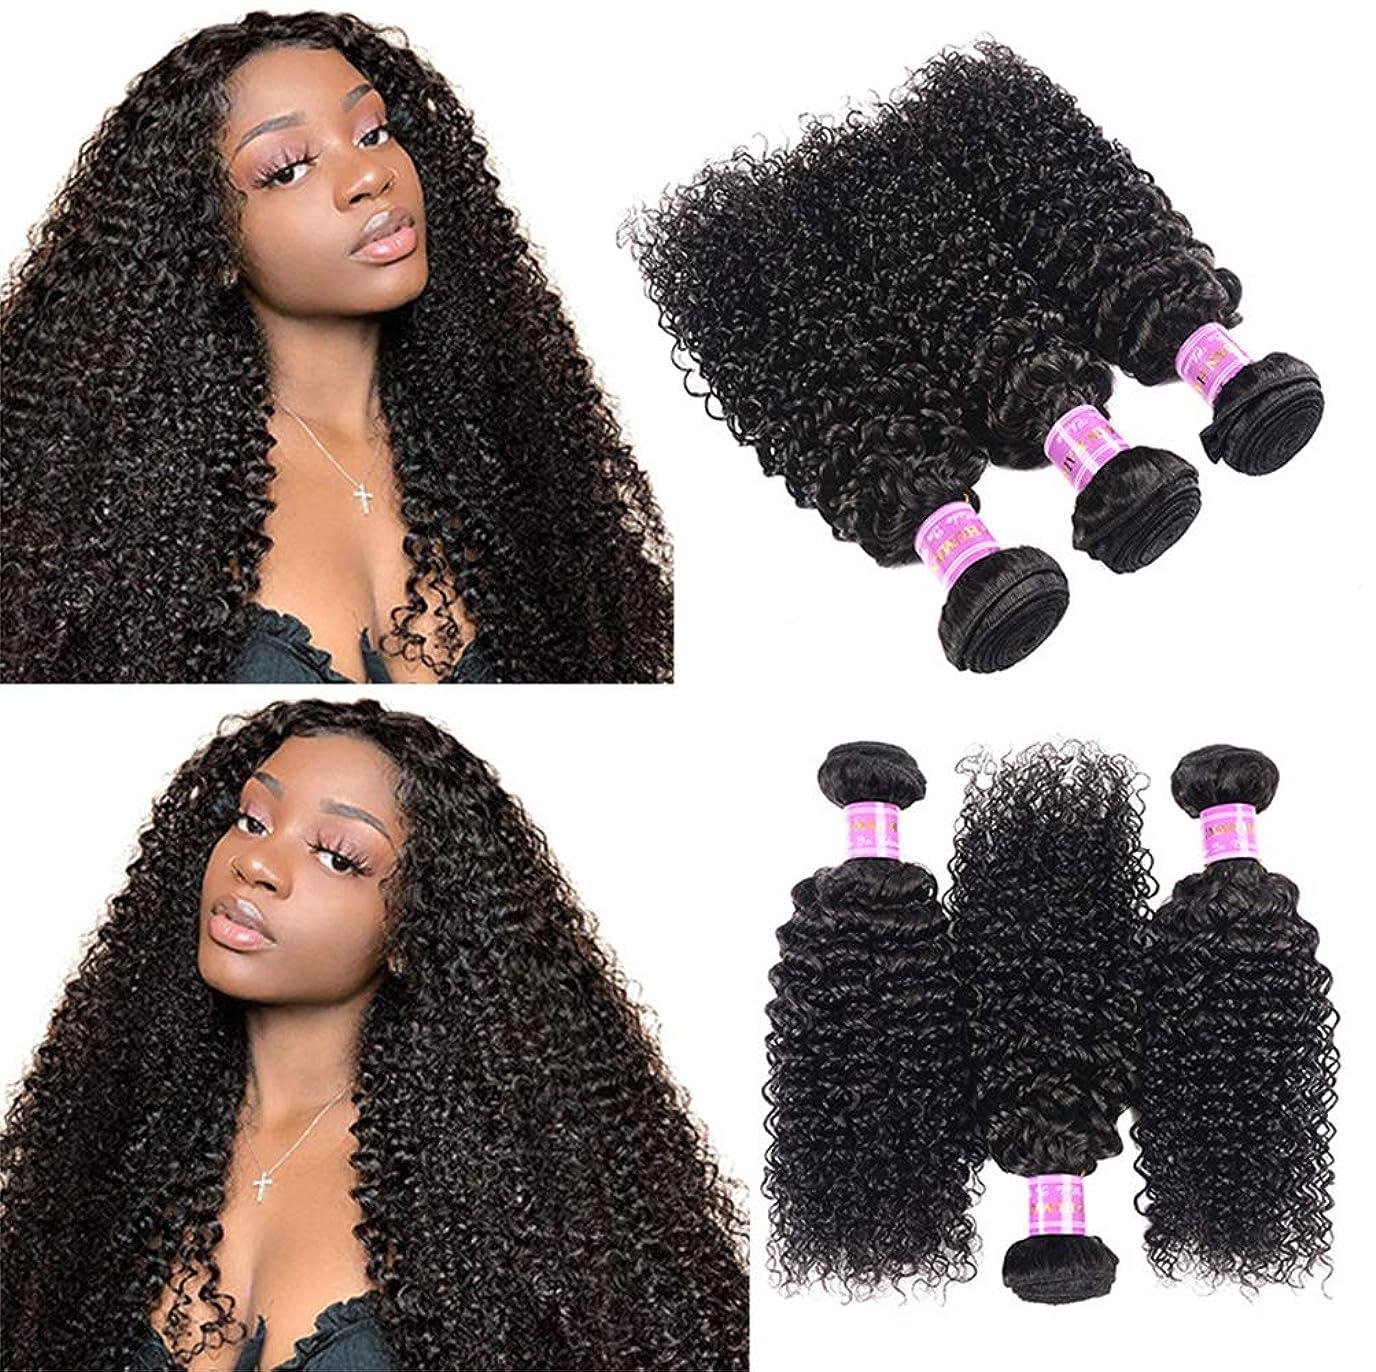 野球心のこもった空白女性150%密度ブラジルの水の波髪の束100%の未処理のバージンレミー人間の毛髪の拡張子1バンドル変態巻き毛